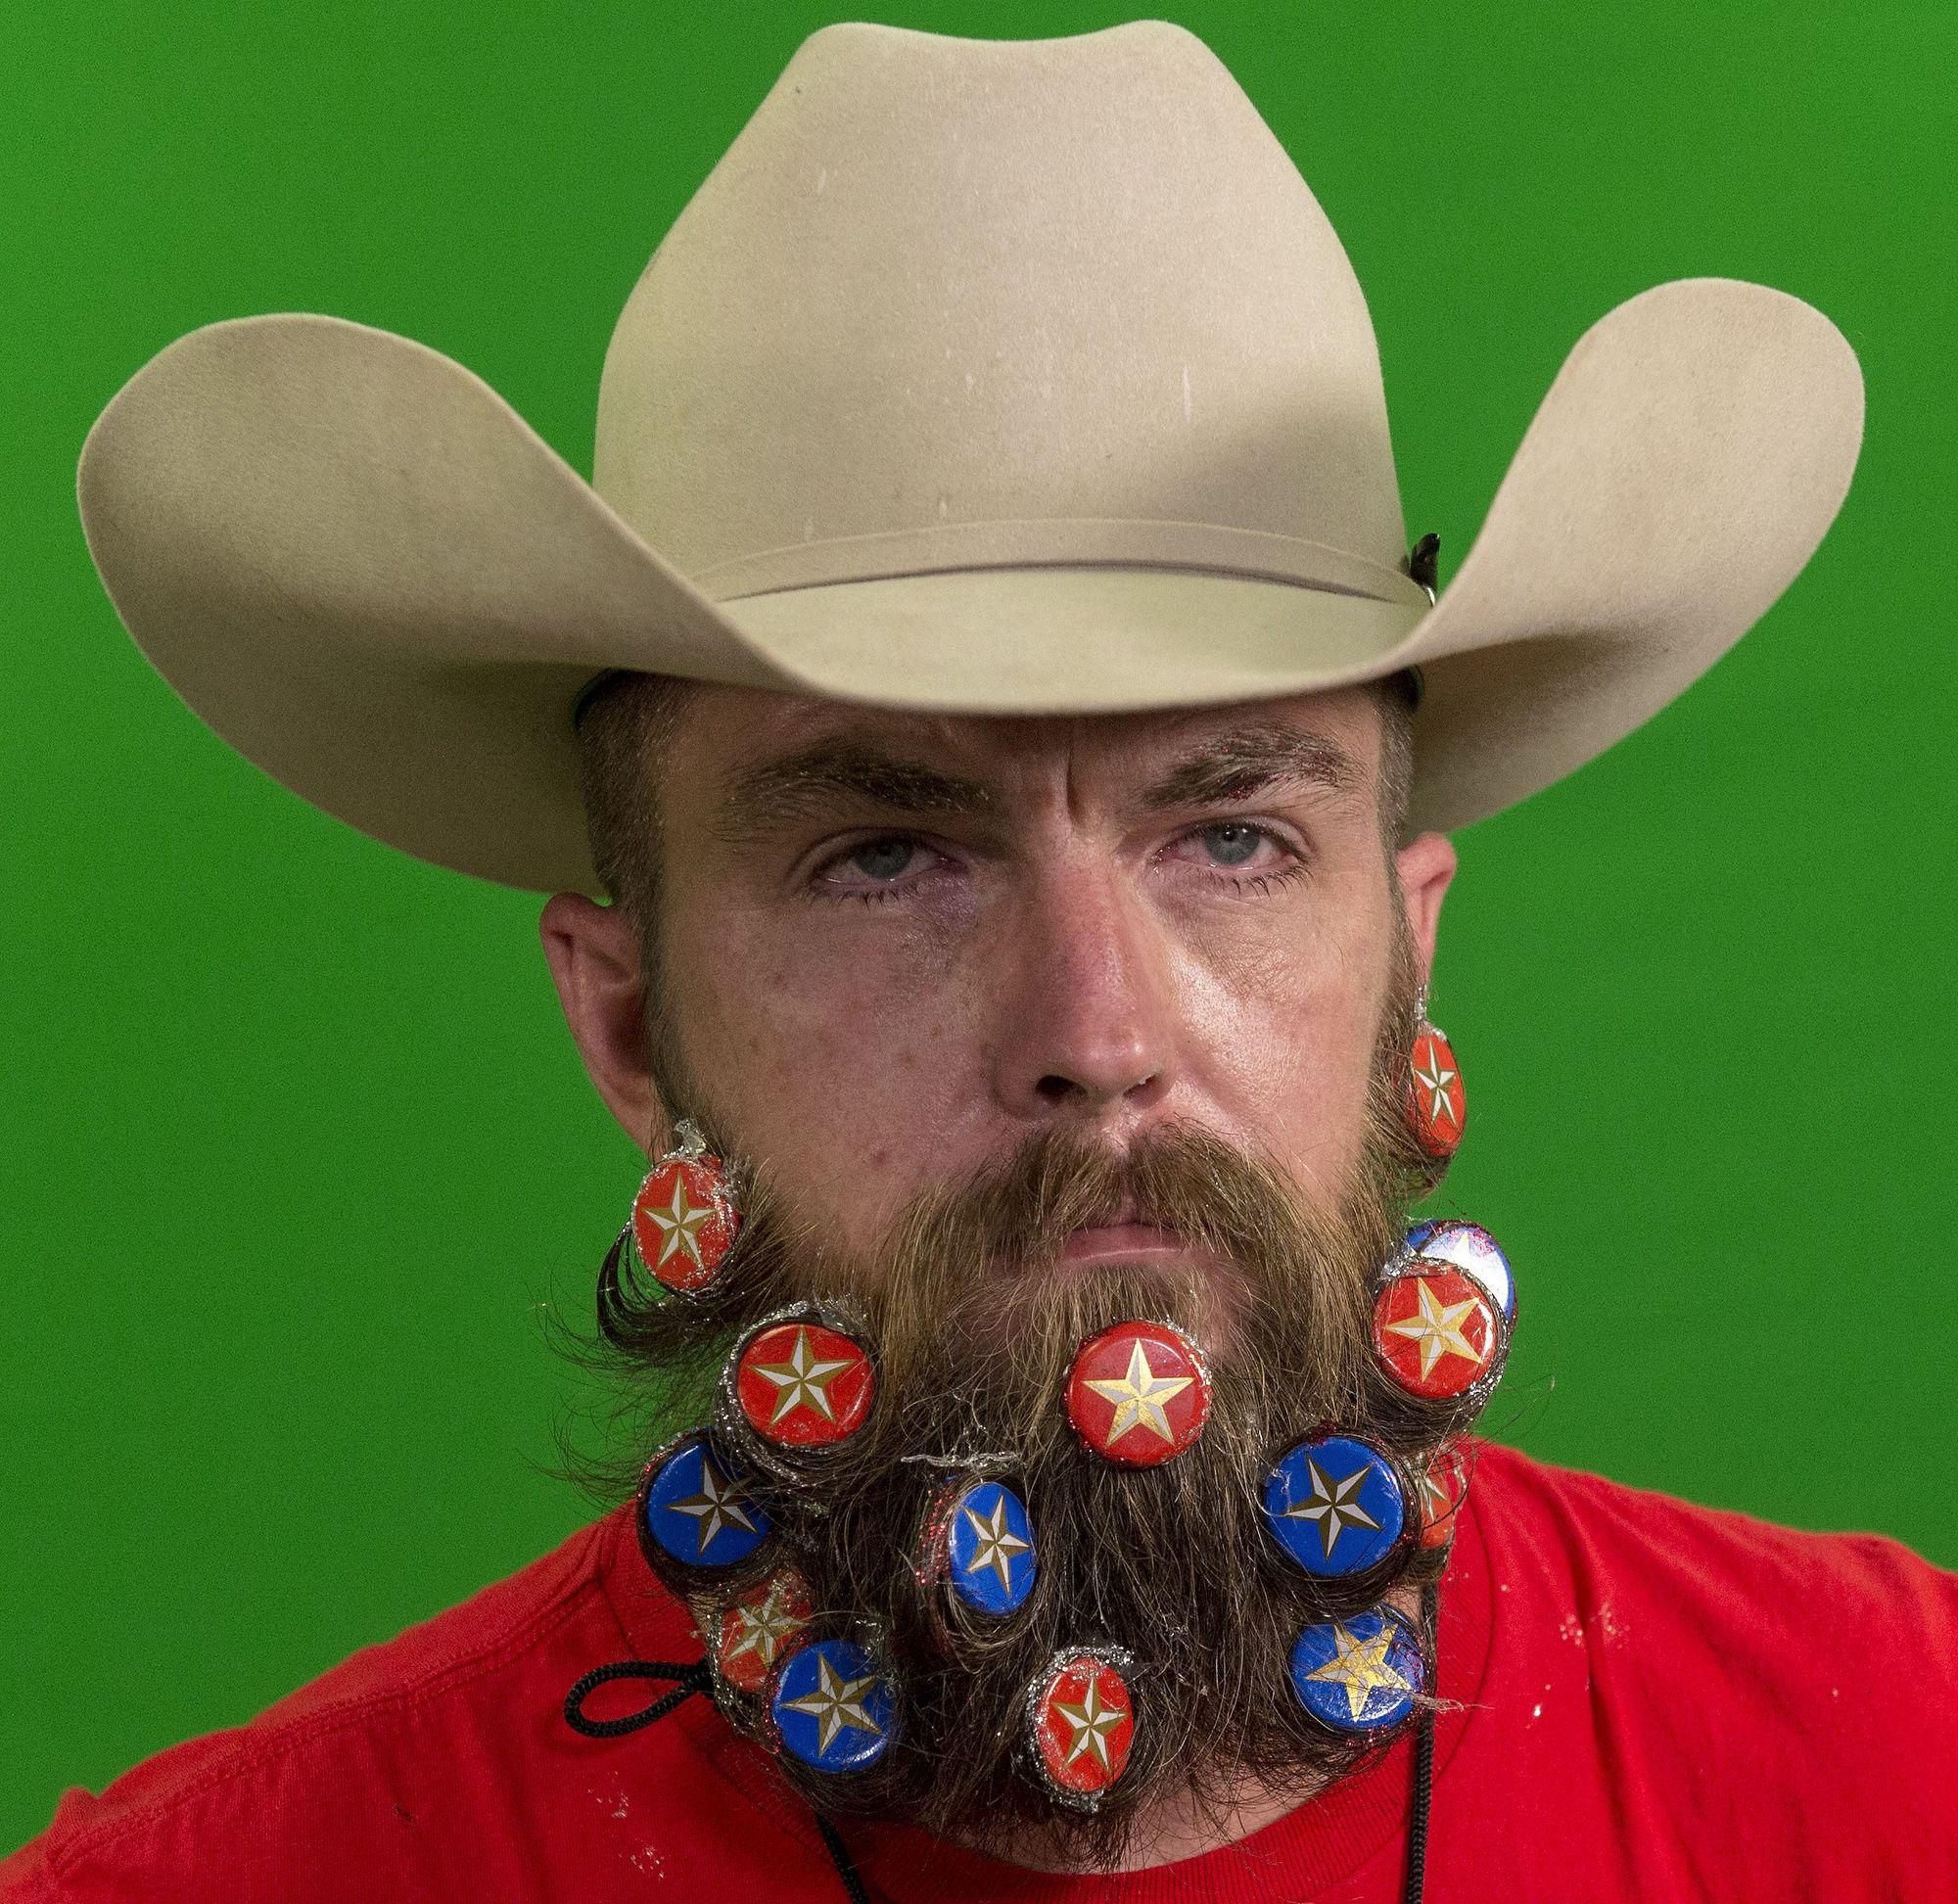 cowboy con barba bigote y barba extravagante